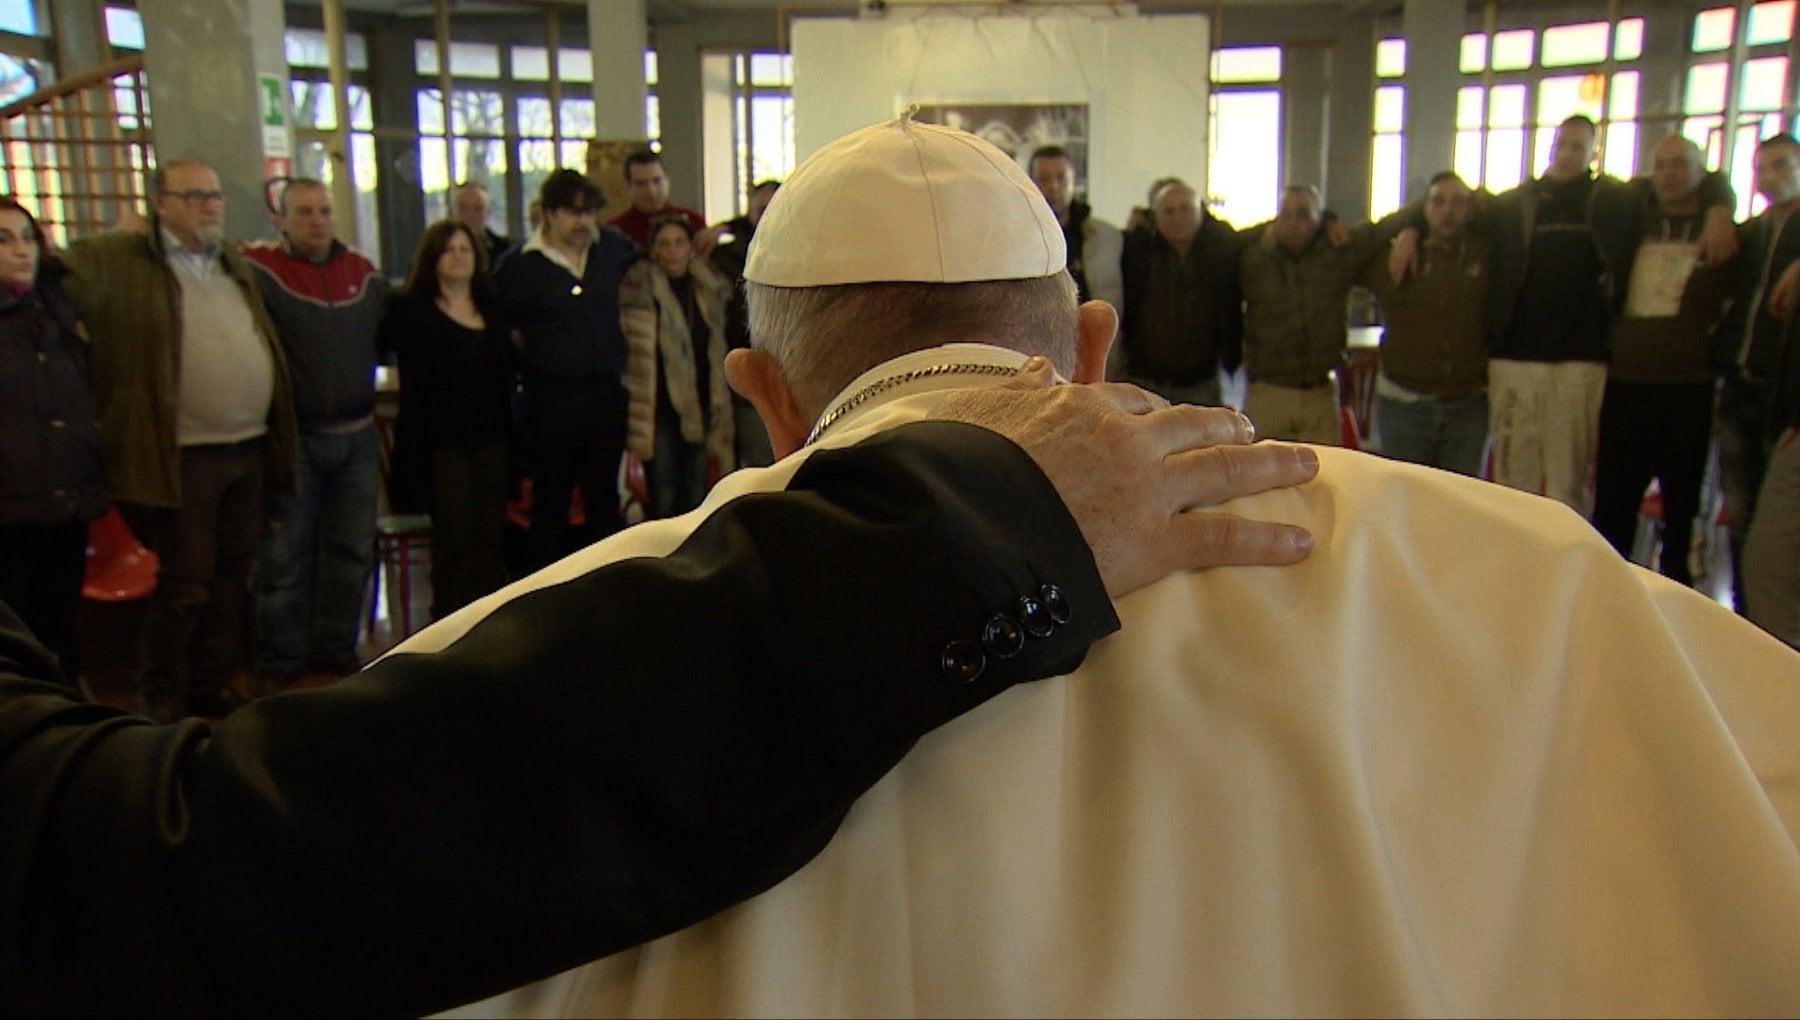 Quelle uscite segrete di papa Francesco una volta al mese per parlare con gli ultimi